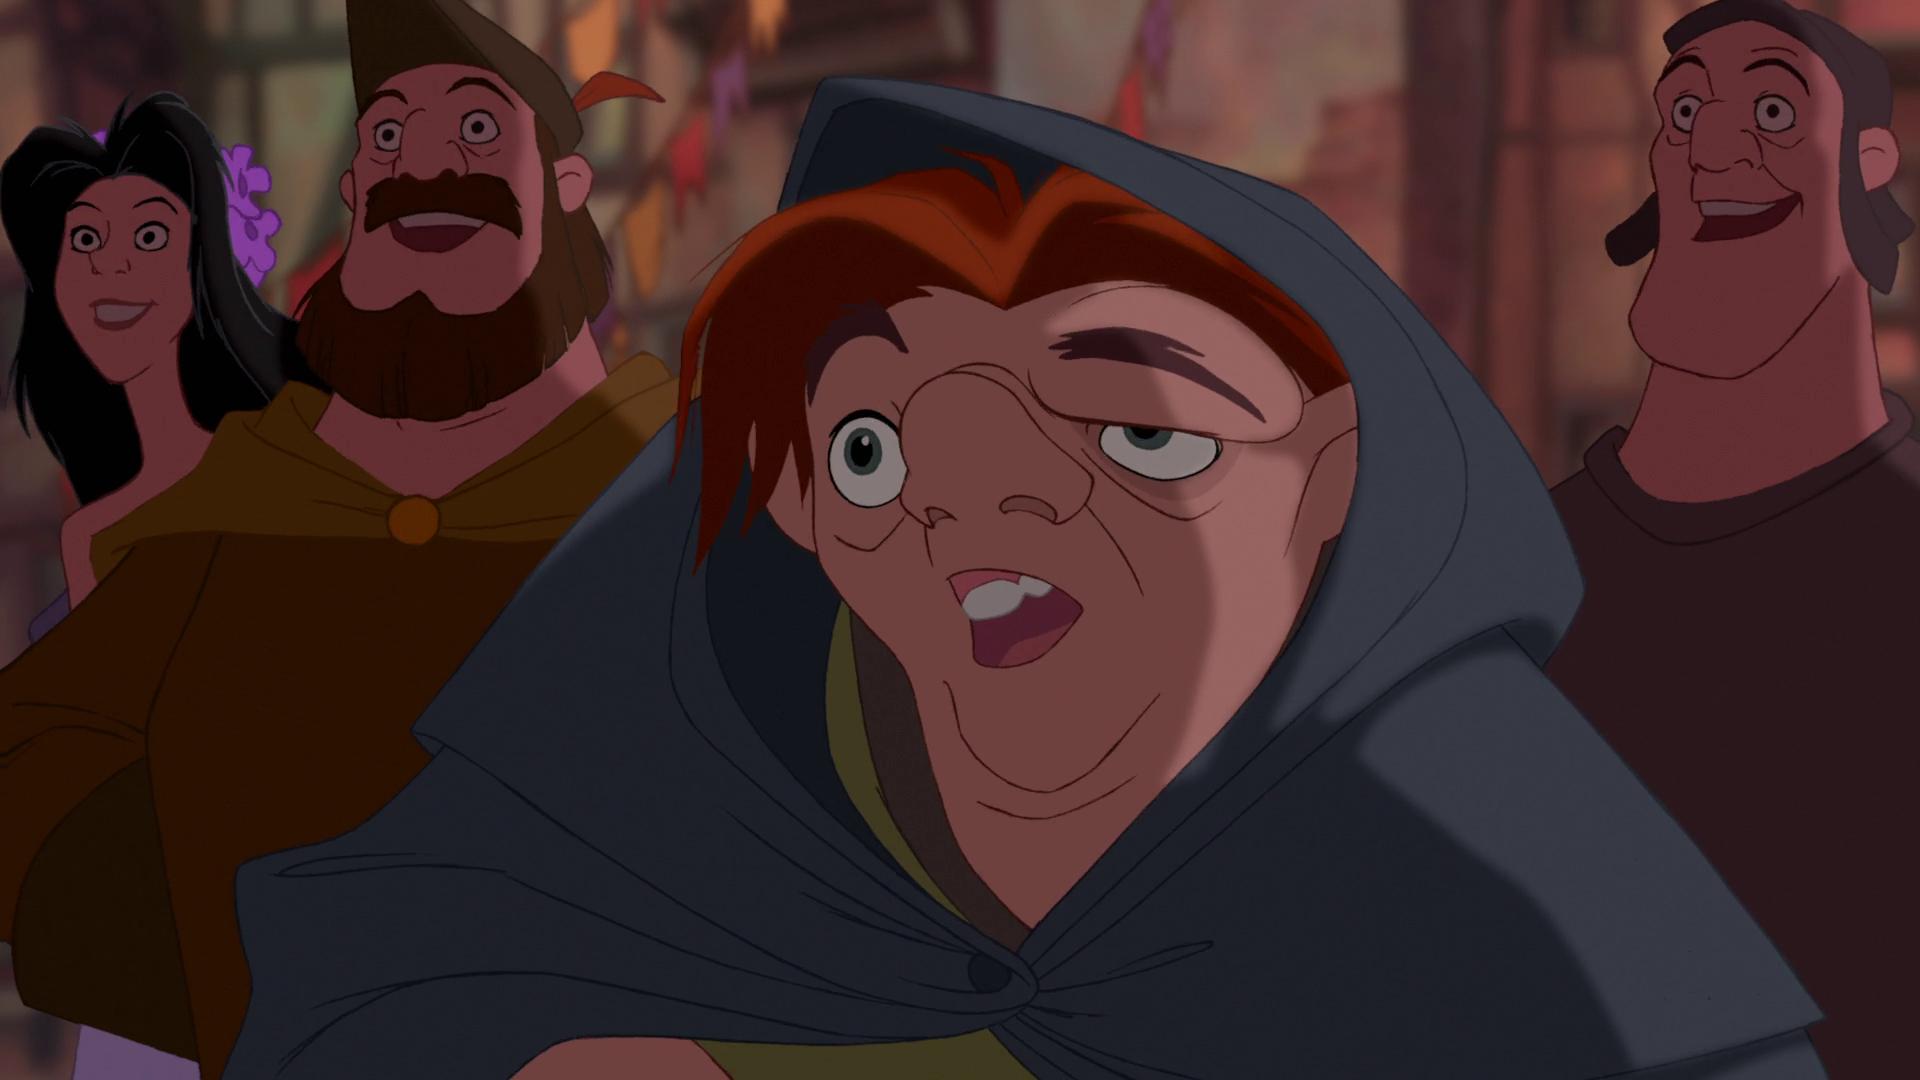 Quasimodo Disney Image - Quasimodo 47.P...